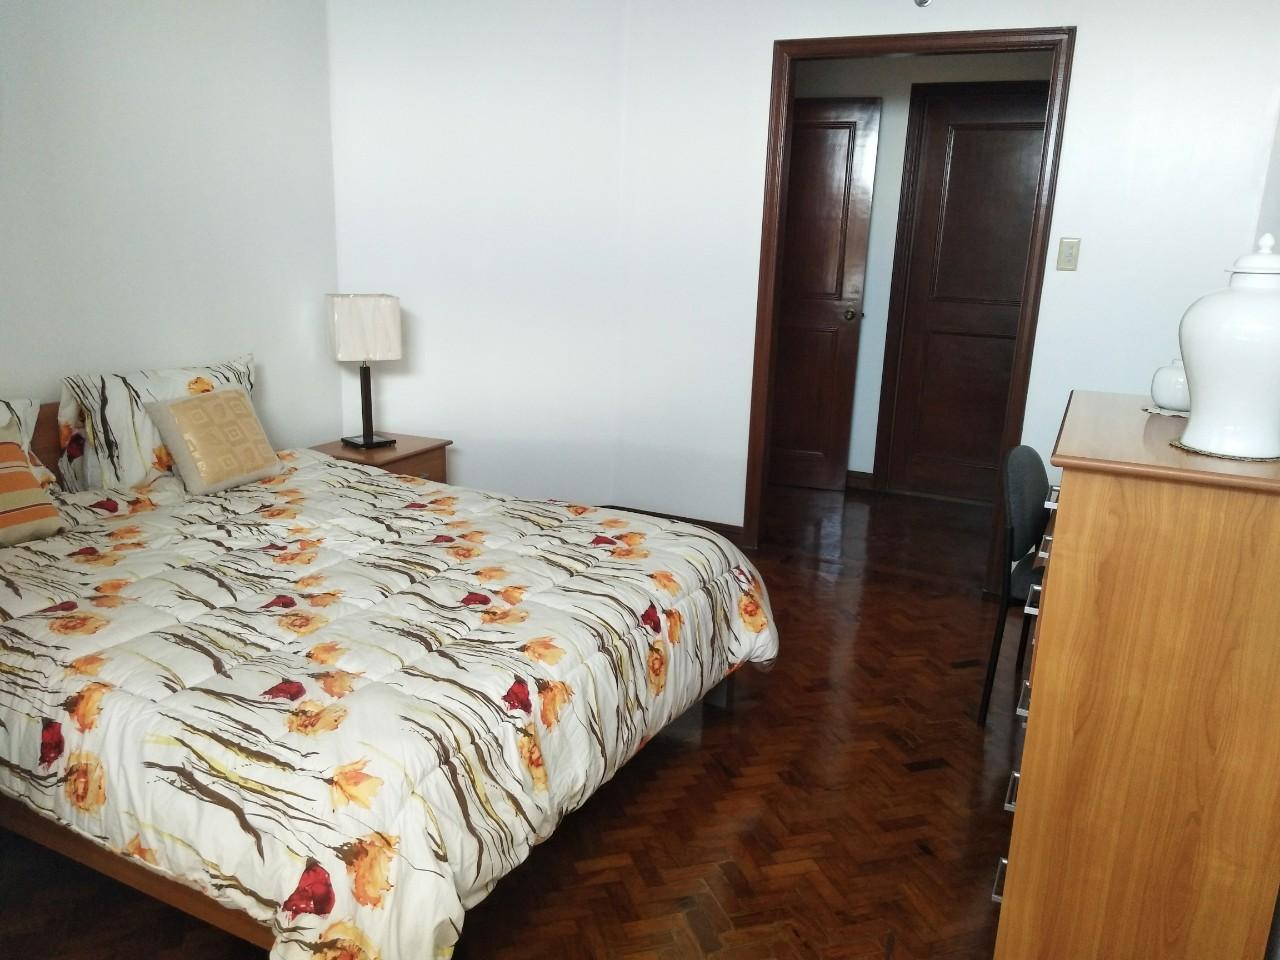 1 Bedroom condo for Sale in Malate Manila.